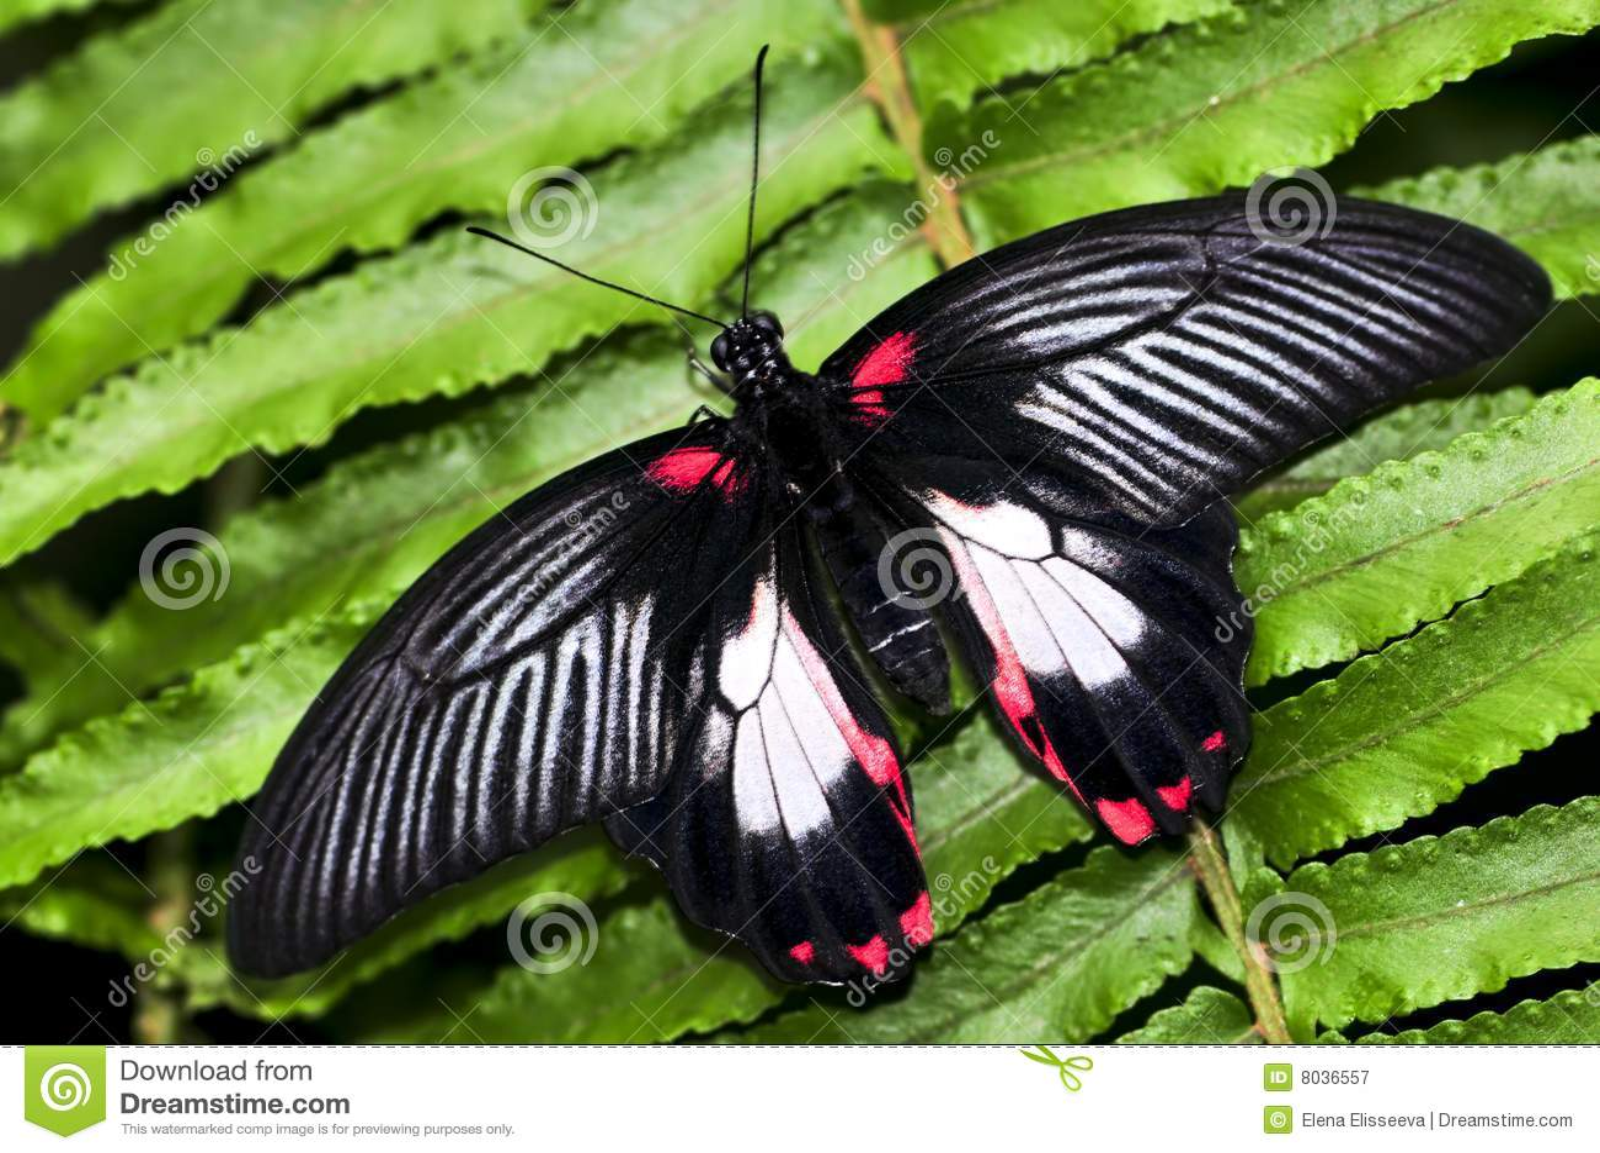 Gemeine swallowtail Basisrecheneinheit